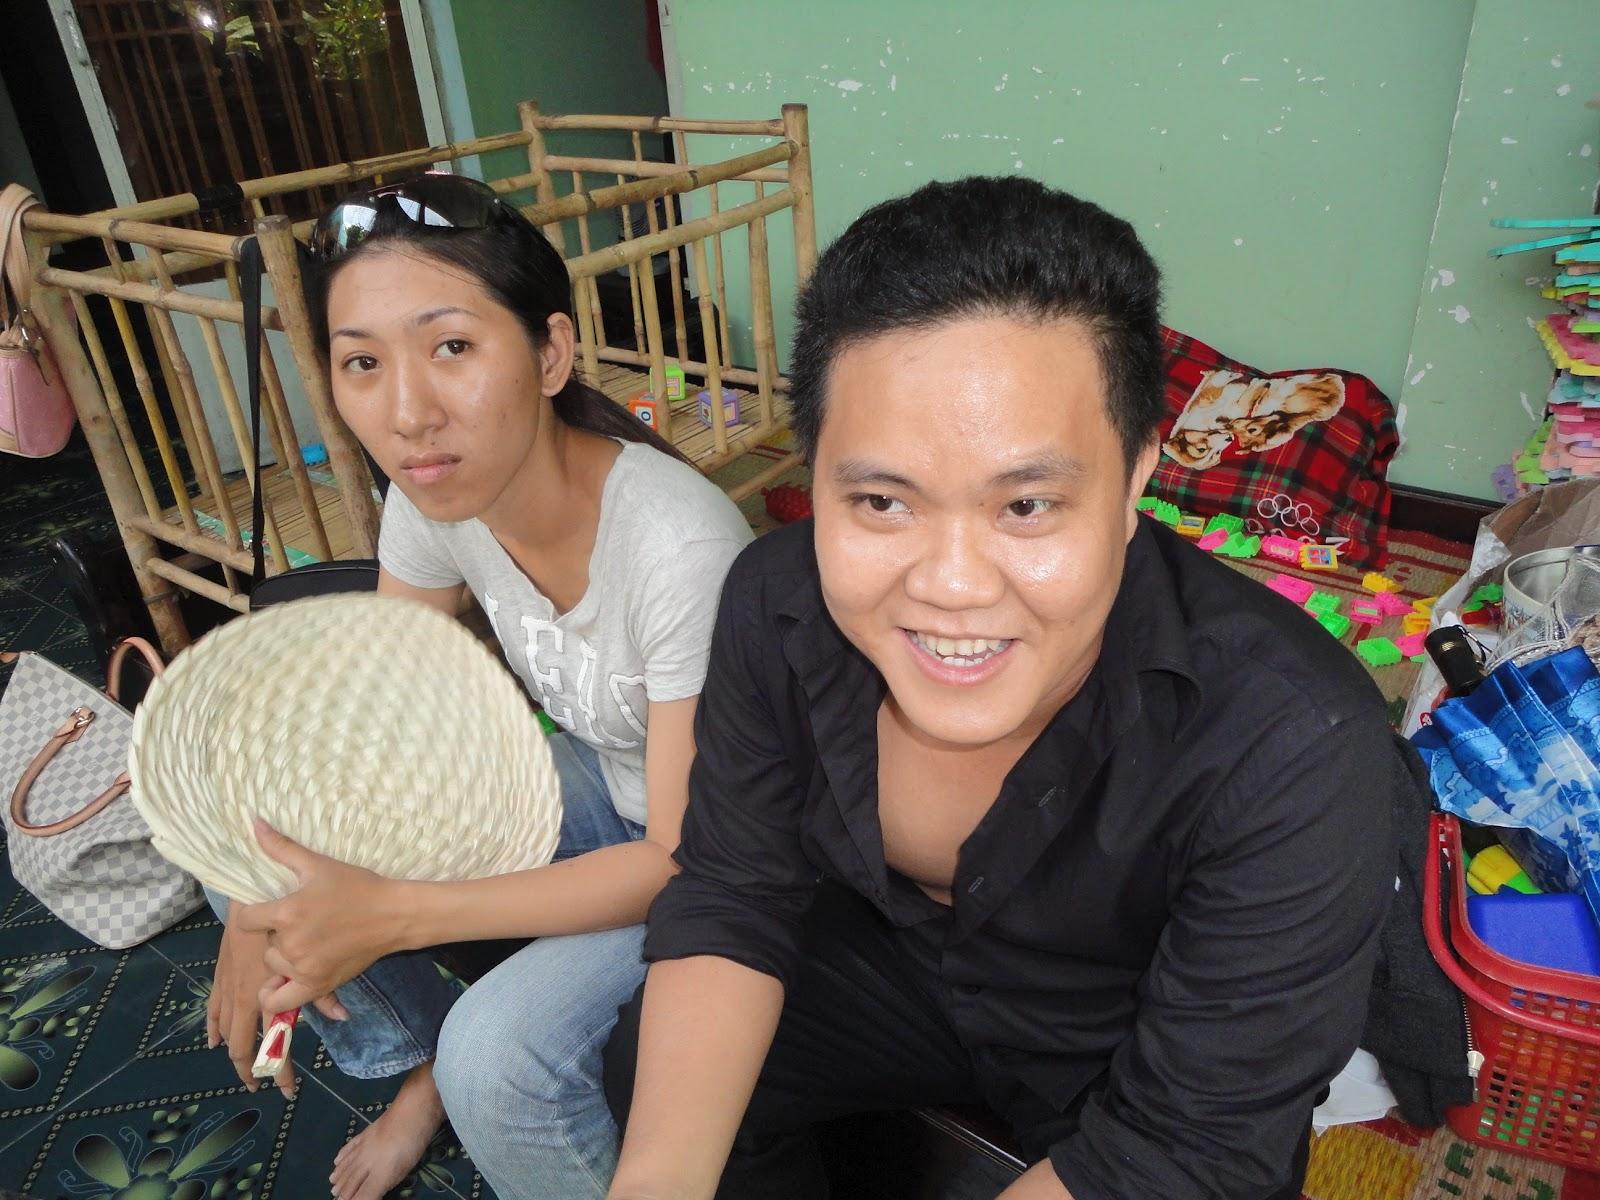 Tâm Sự Đời Tôi - Dương Hồng Loan - Nhac.vn